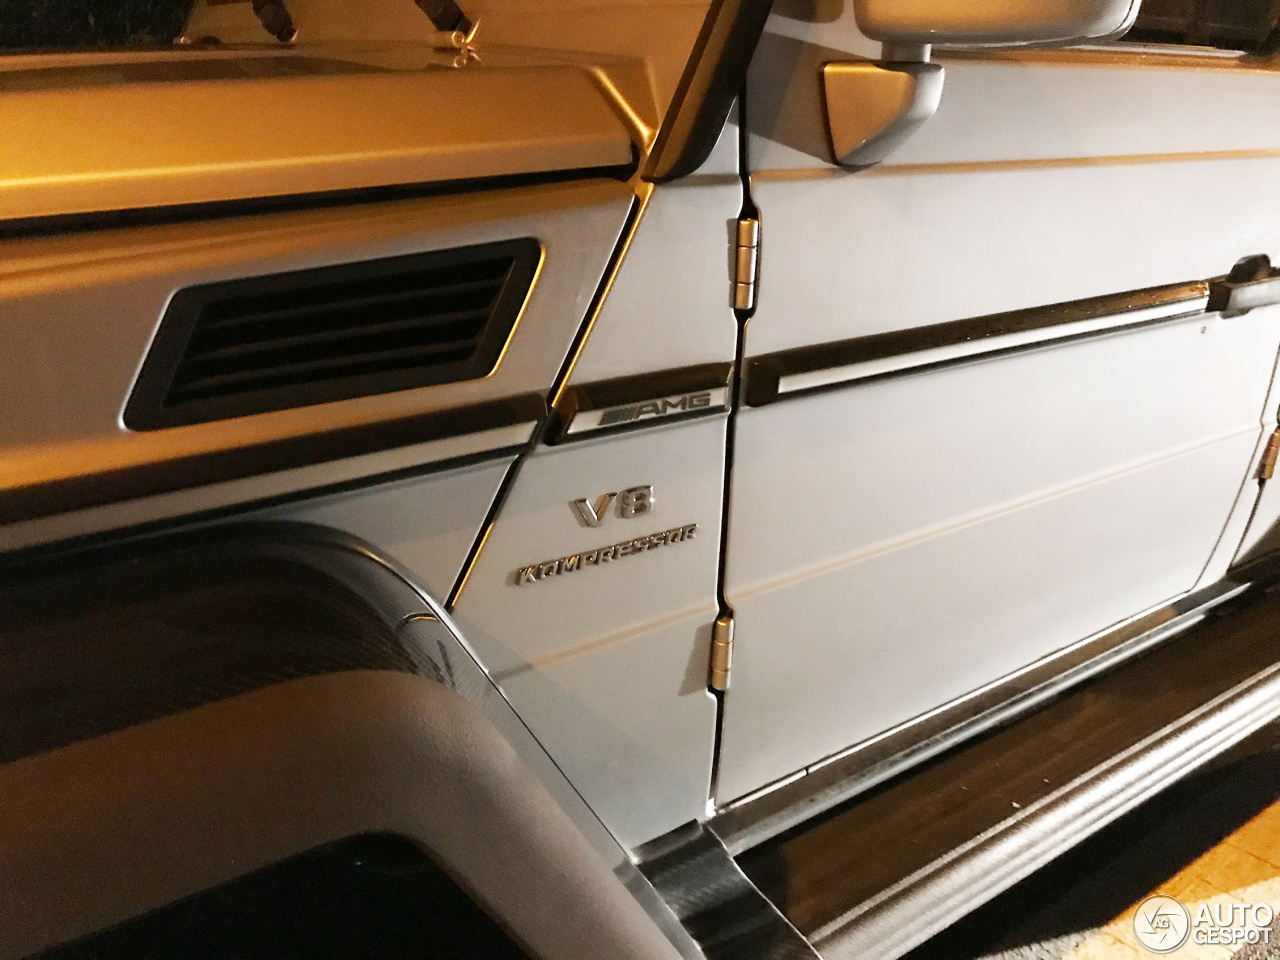 Mercedes benz g55 amg kompressor 2010 le tech bigfoot for Mercedes benz technician